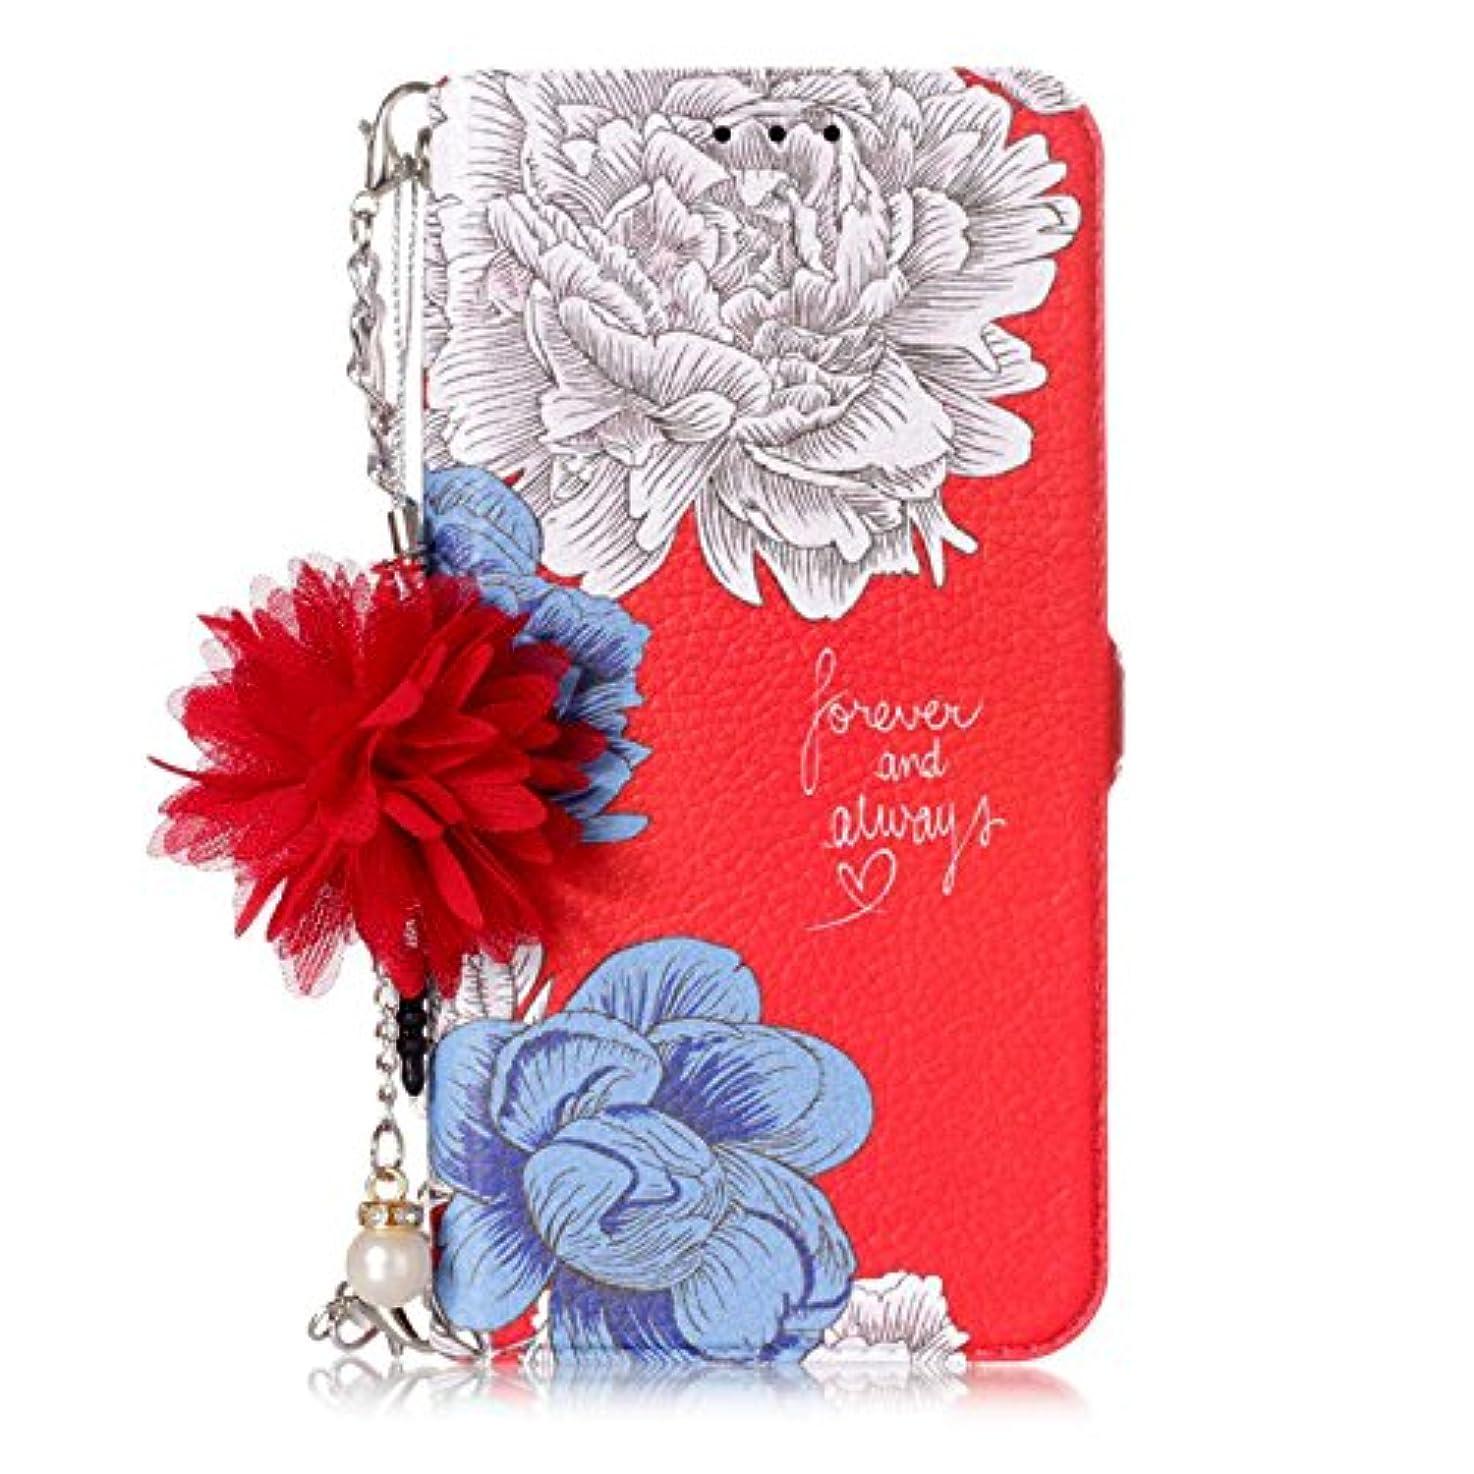 不機嫌修道院大砲OMATENTI Galaxy S6 Edge ケース, 簡約風 軽量 PU レザー 財布型 カバー ケース, こがら 花柄 人気 かわいい レディース用 ケース ザー カード収納 スタンド 機能 マグネット, Galaxy...